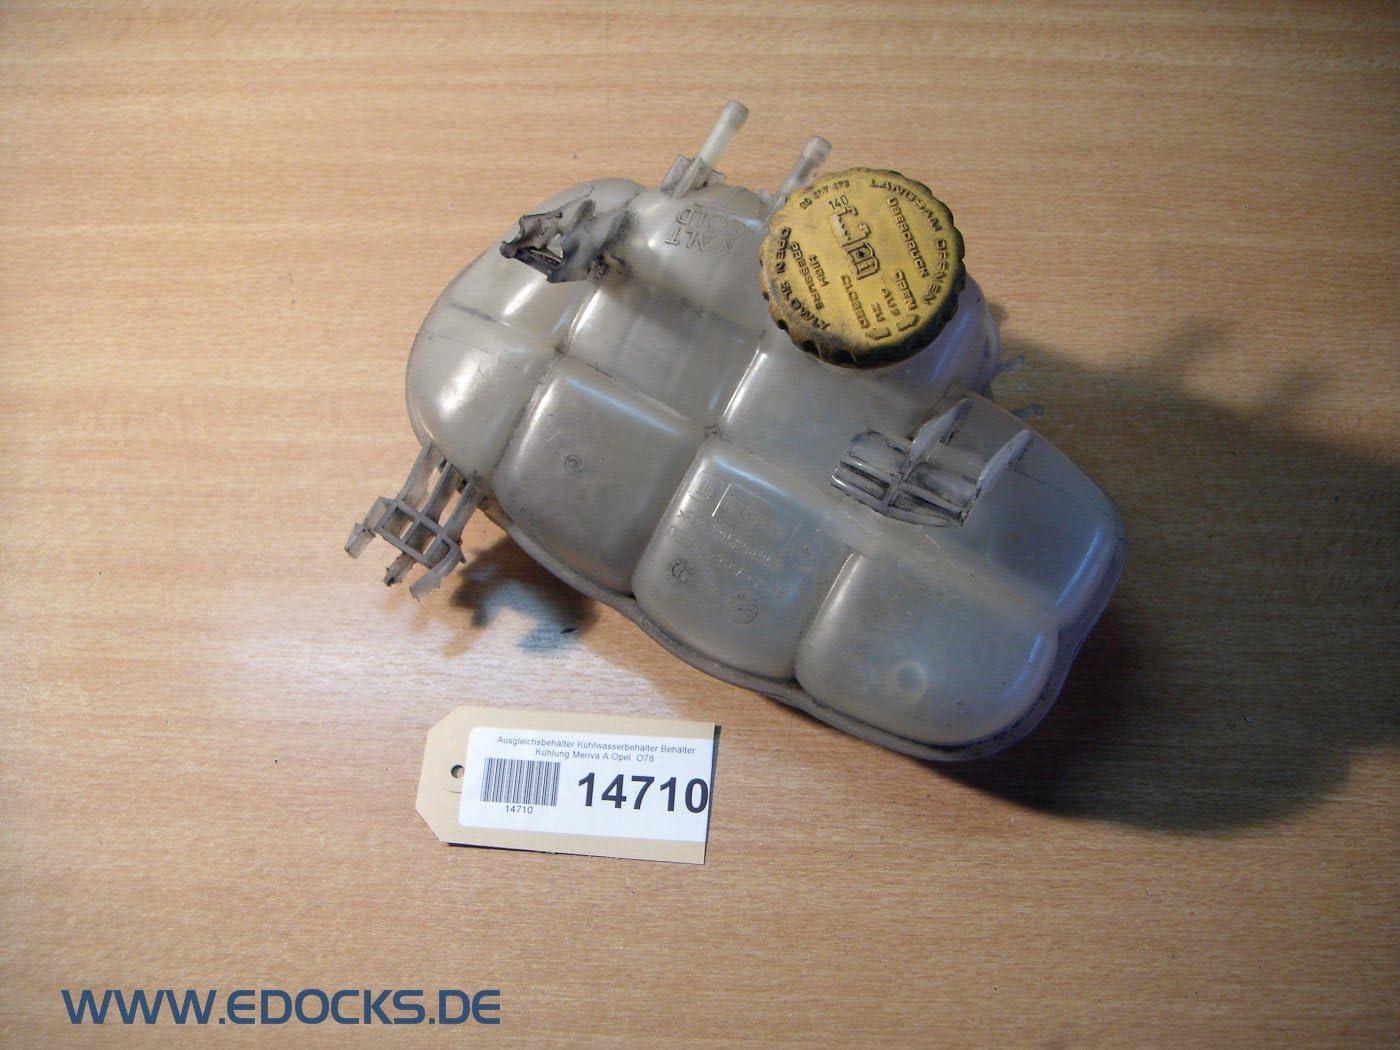 Ausgleichsbehälter Kühlwasserbehälter Behälter Kühlung Meriva A Opel Auto